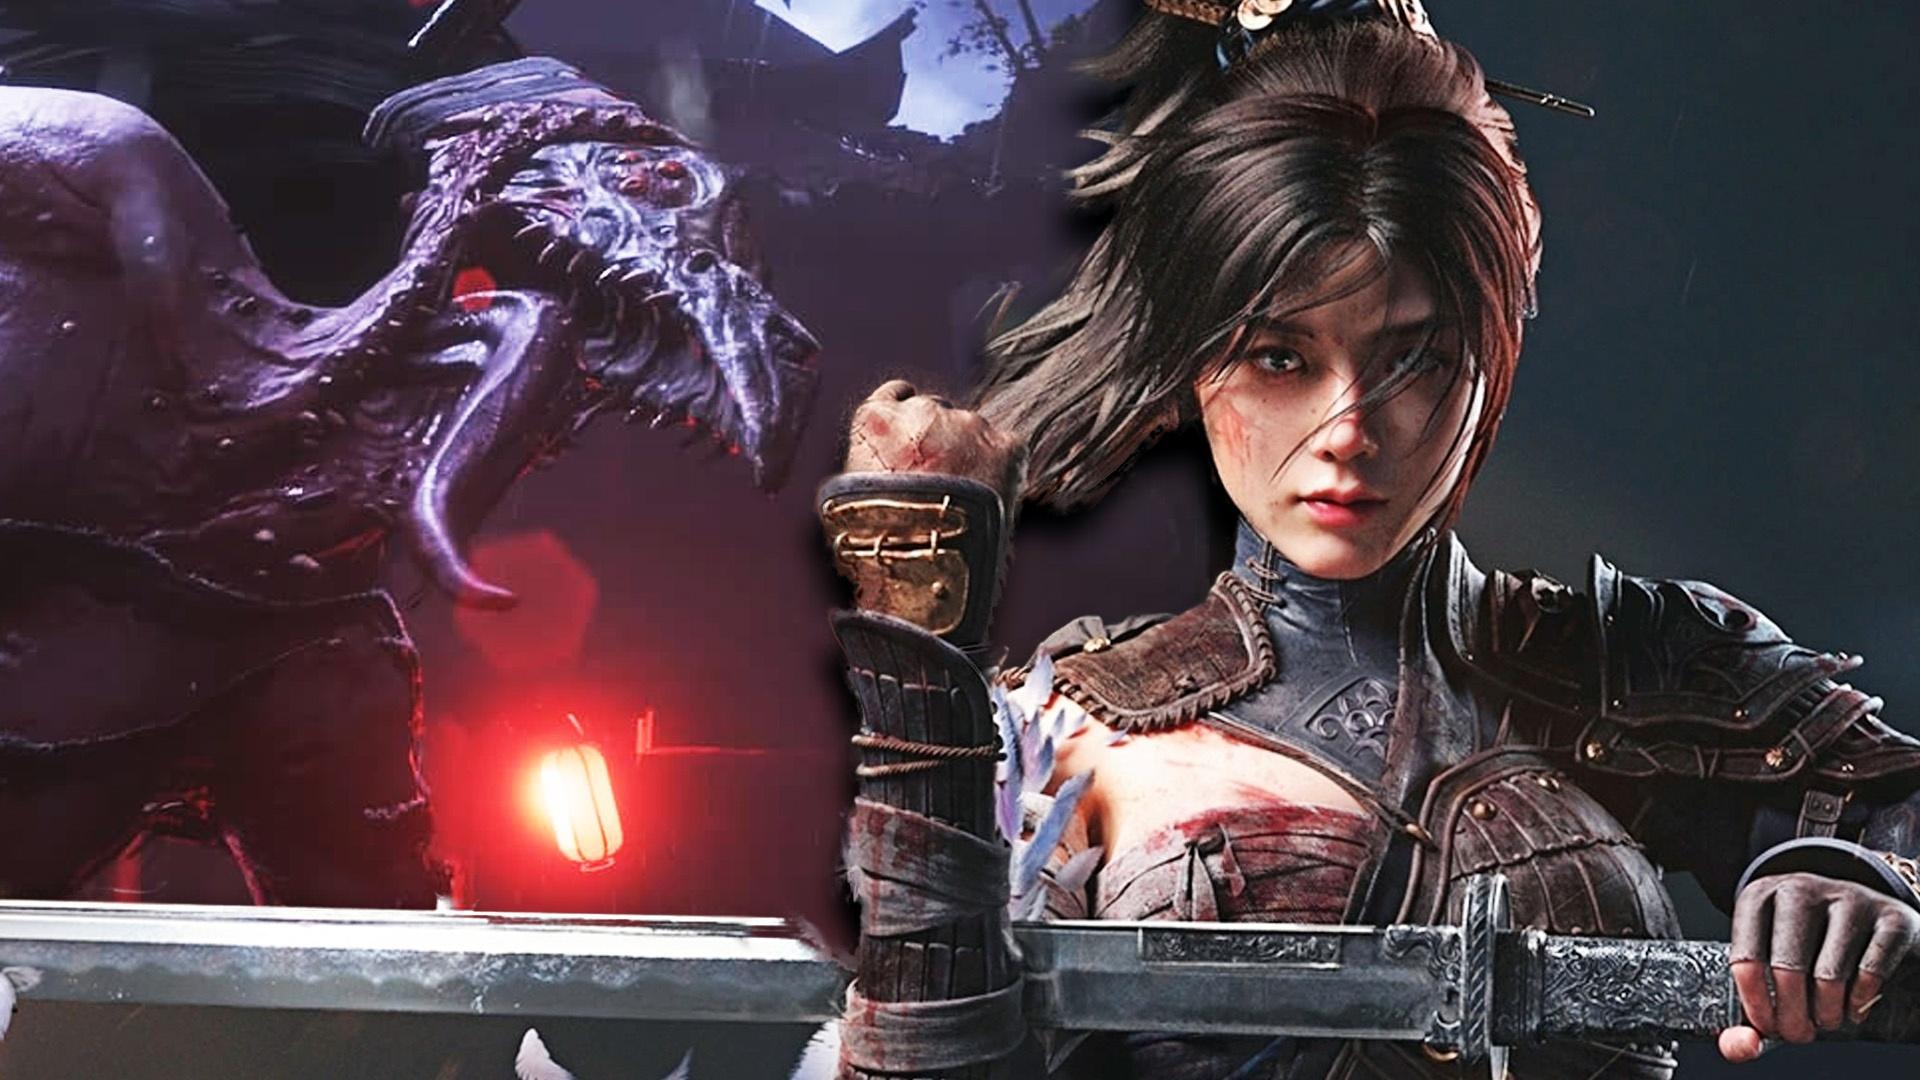 Wuchang: Wieso der hübsche Dark-Souls-Klon auf so viel Ablehnung stößt